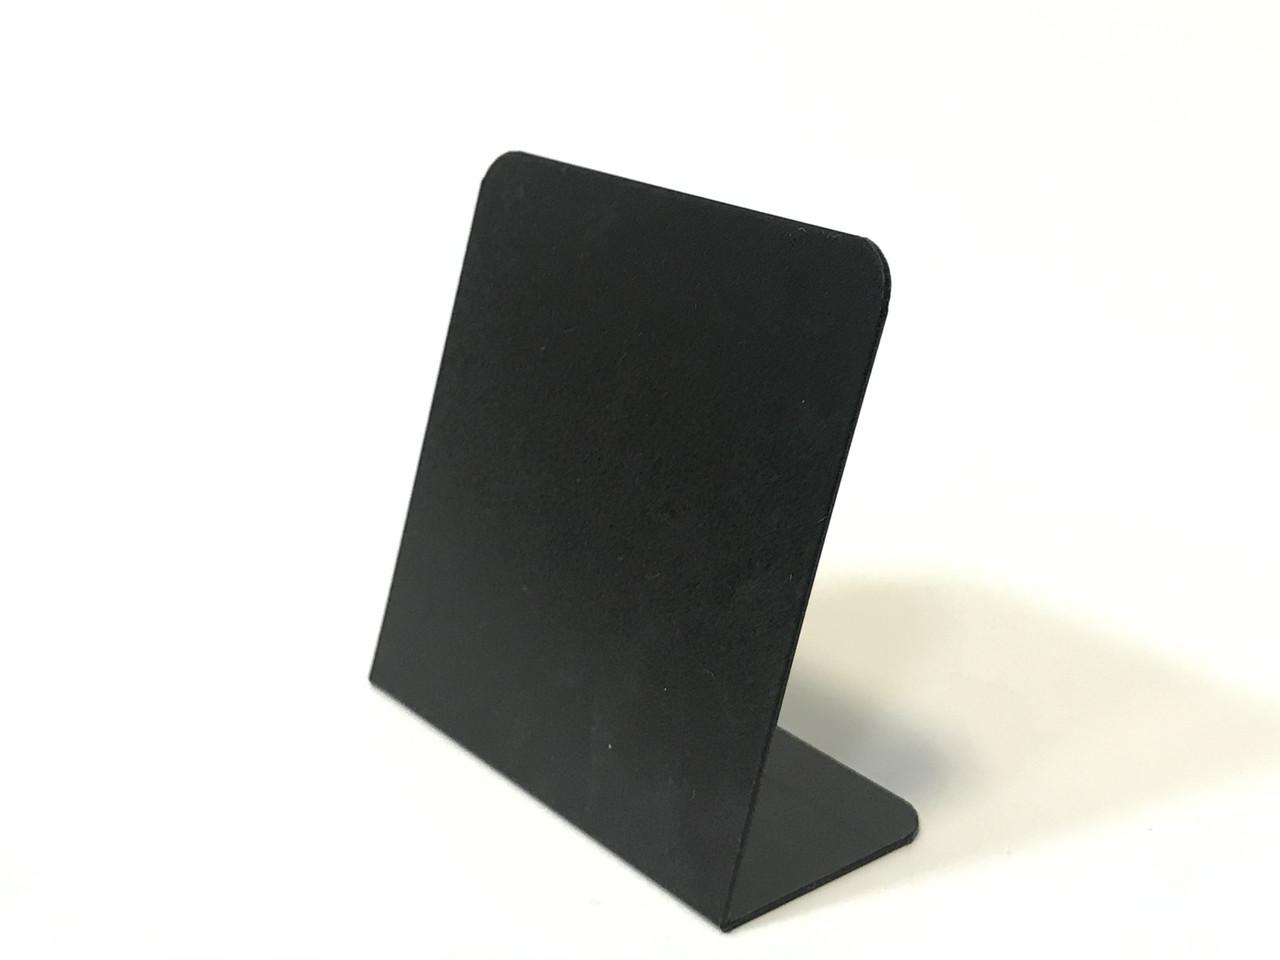 Ценник меловой пластиковый  угловой L-образный квадратный